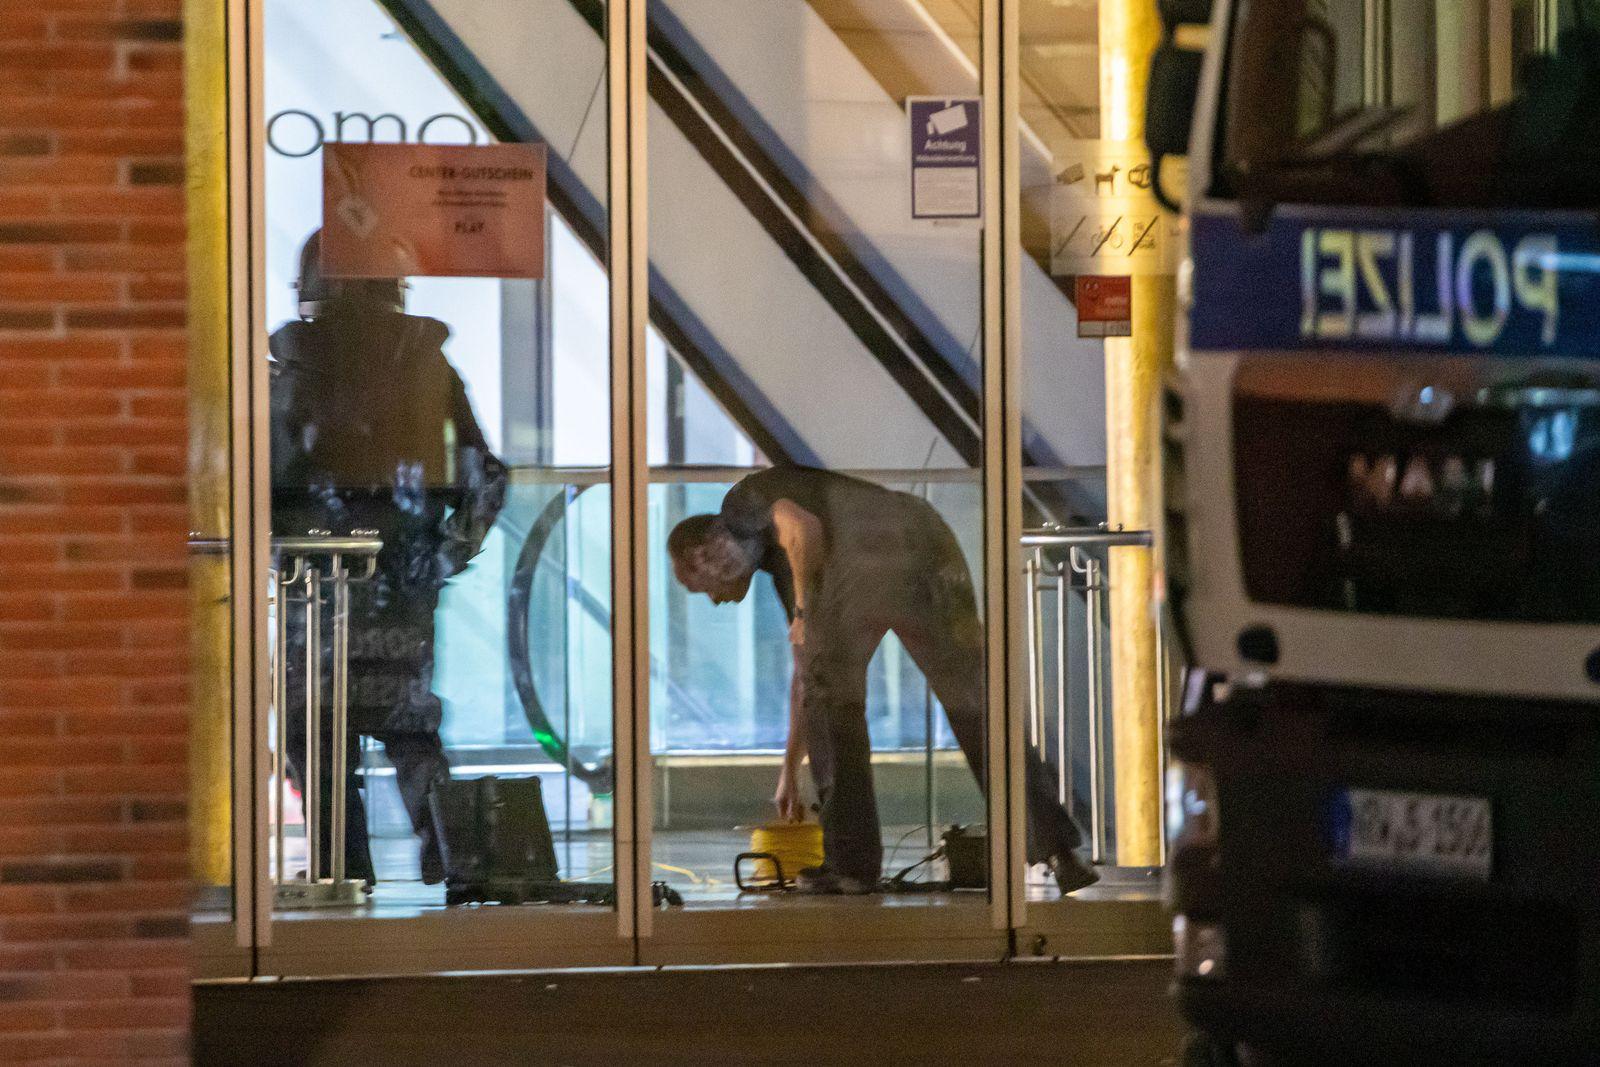 Verdächtiger Gegenstand - Einsatz in Duisburger Einkaufszentrum